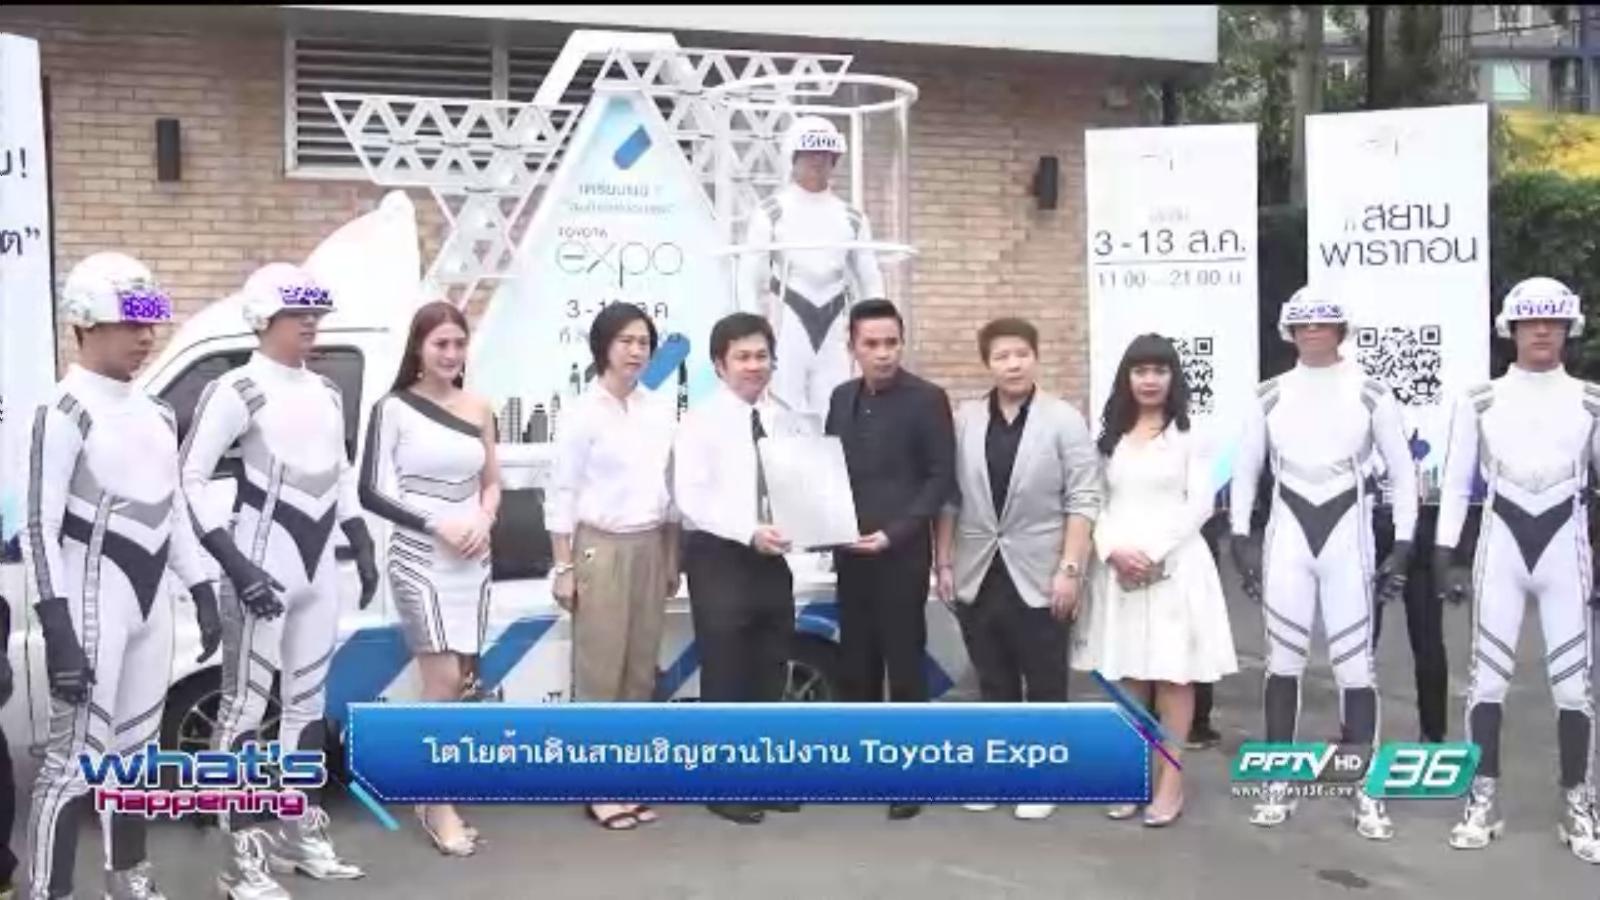 โตโยต้า มอเตอร์ ประเทศไทย จำกัด ครบรอบ 55 ปี จัดงาน Toyota Expo